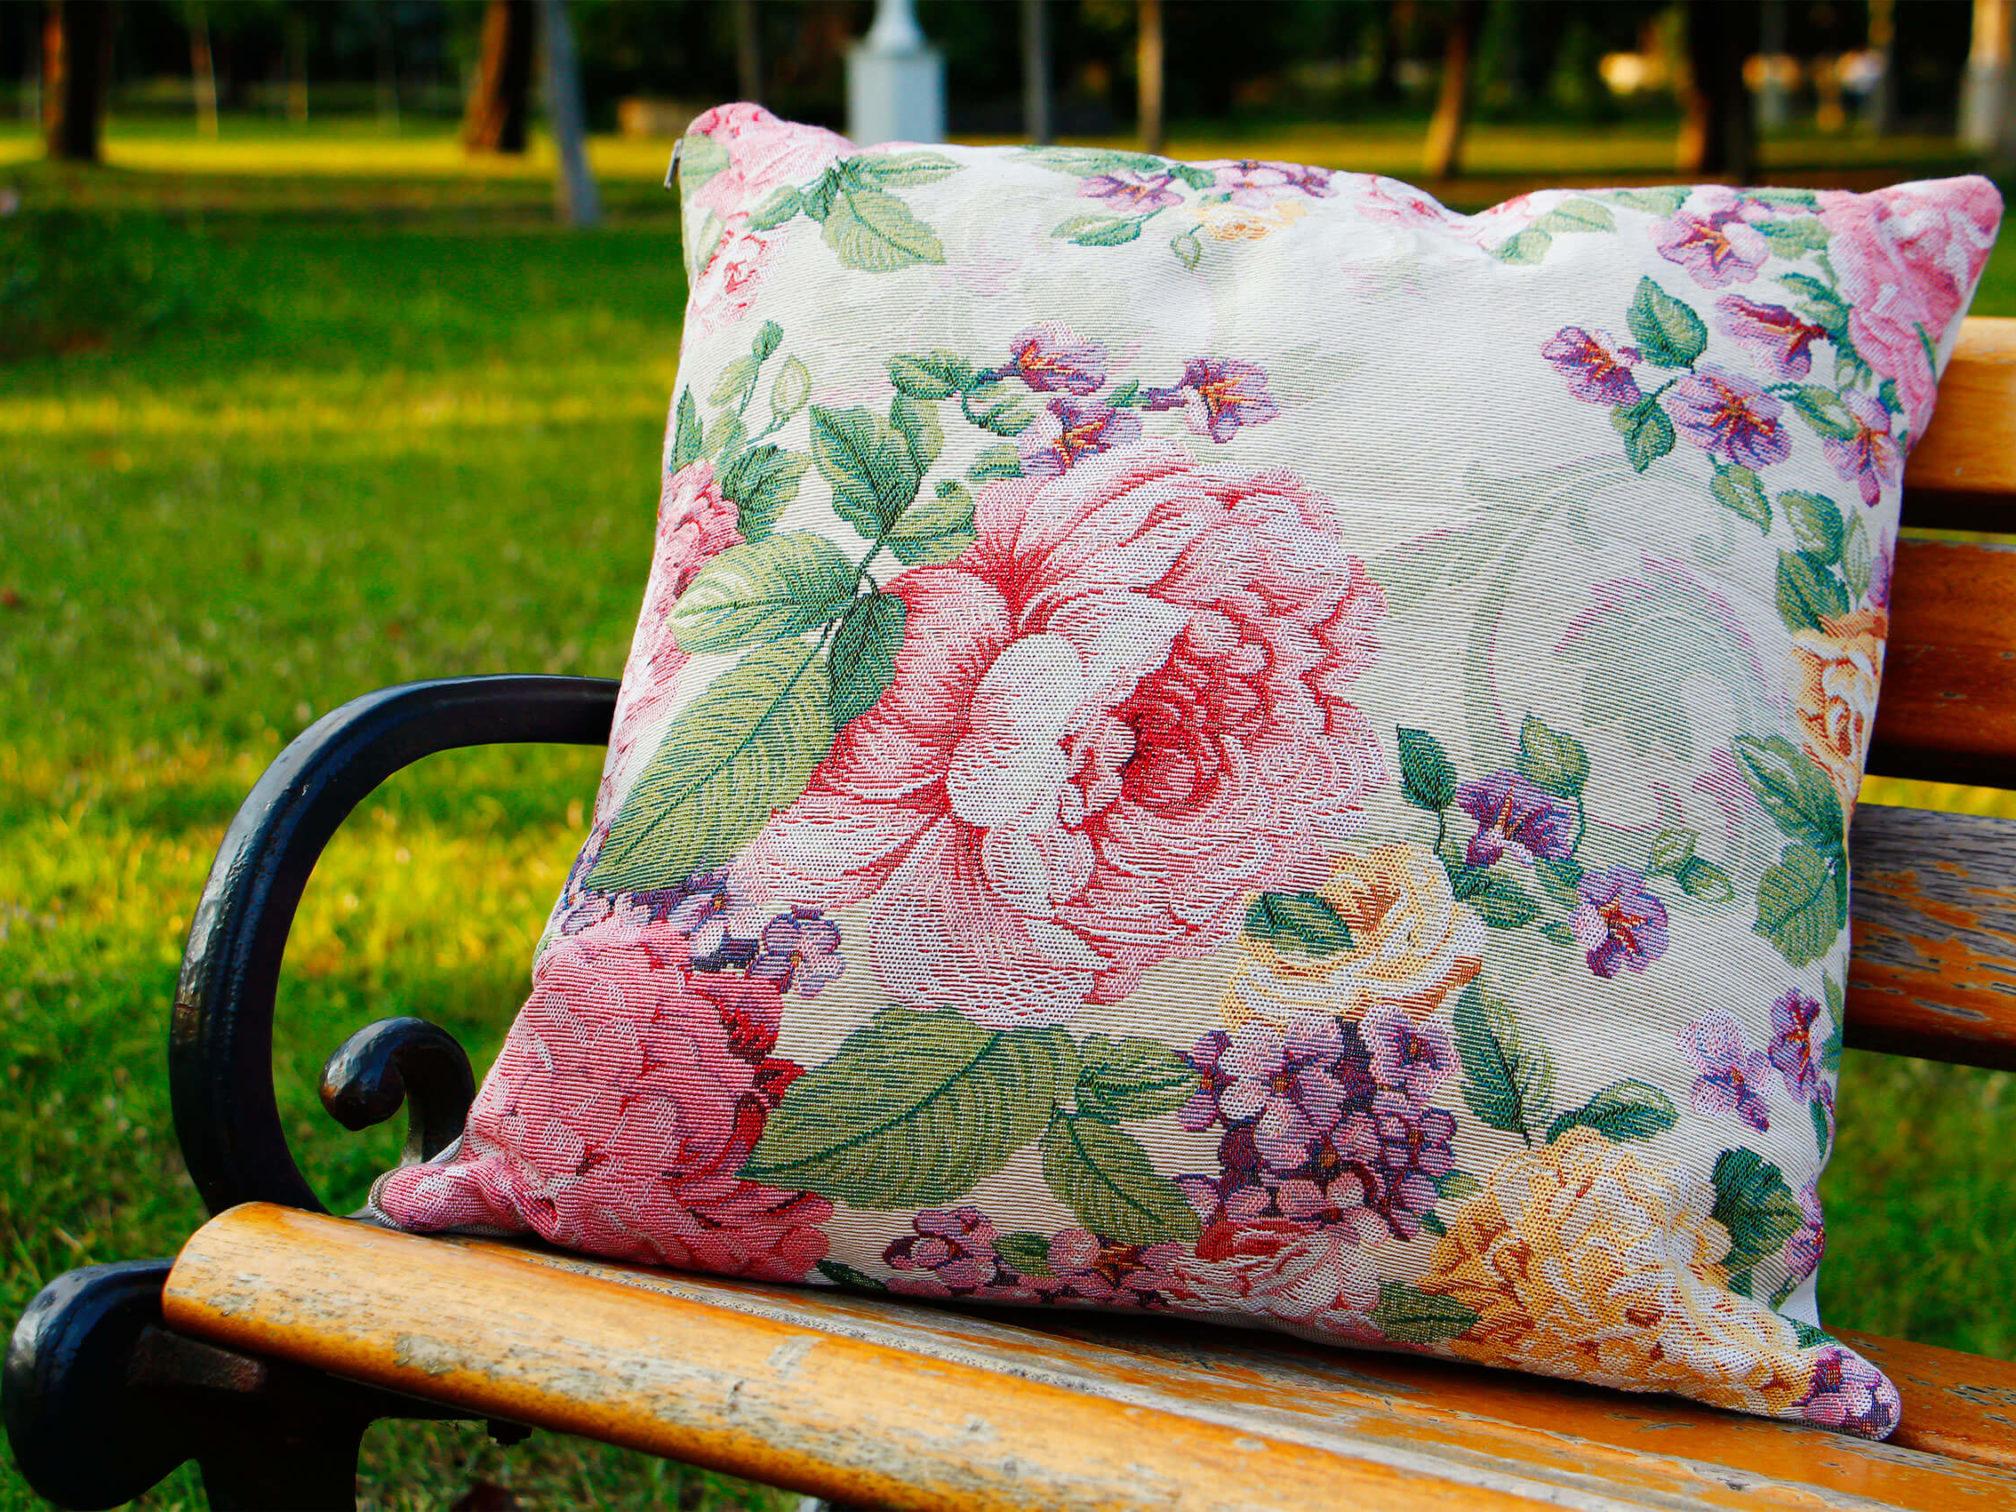 gülru-prizma-goblen-çiçek-çiçekli-desenli-kırlent-yastık-kılıfı-modelleri-fiyatları-desenleri